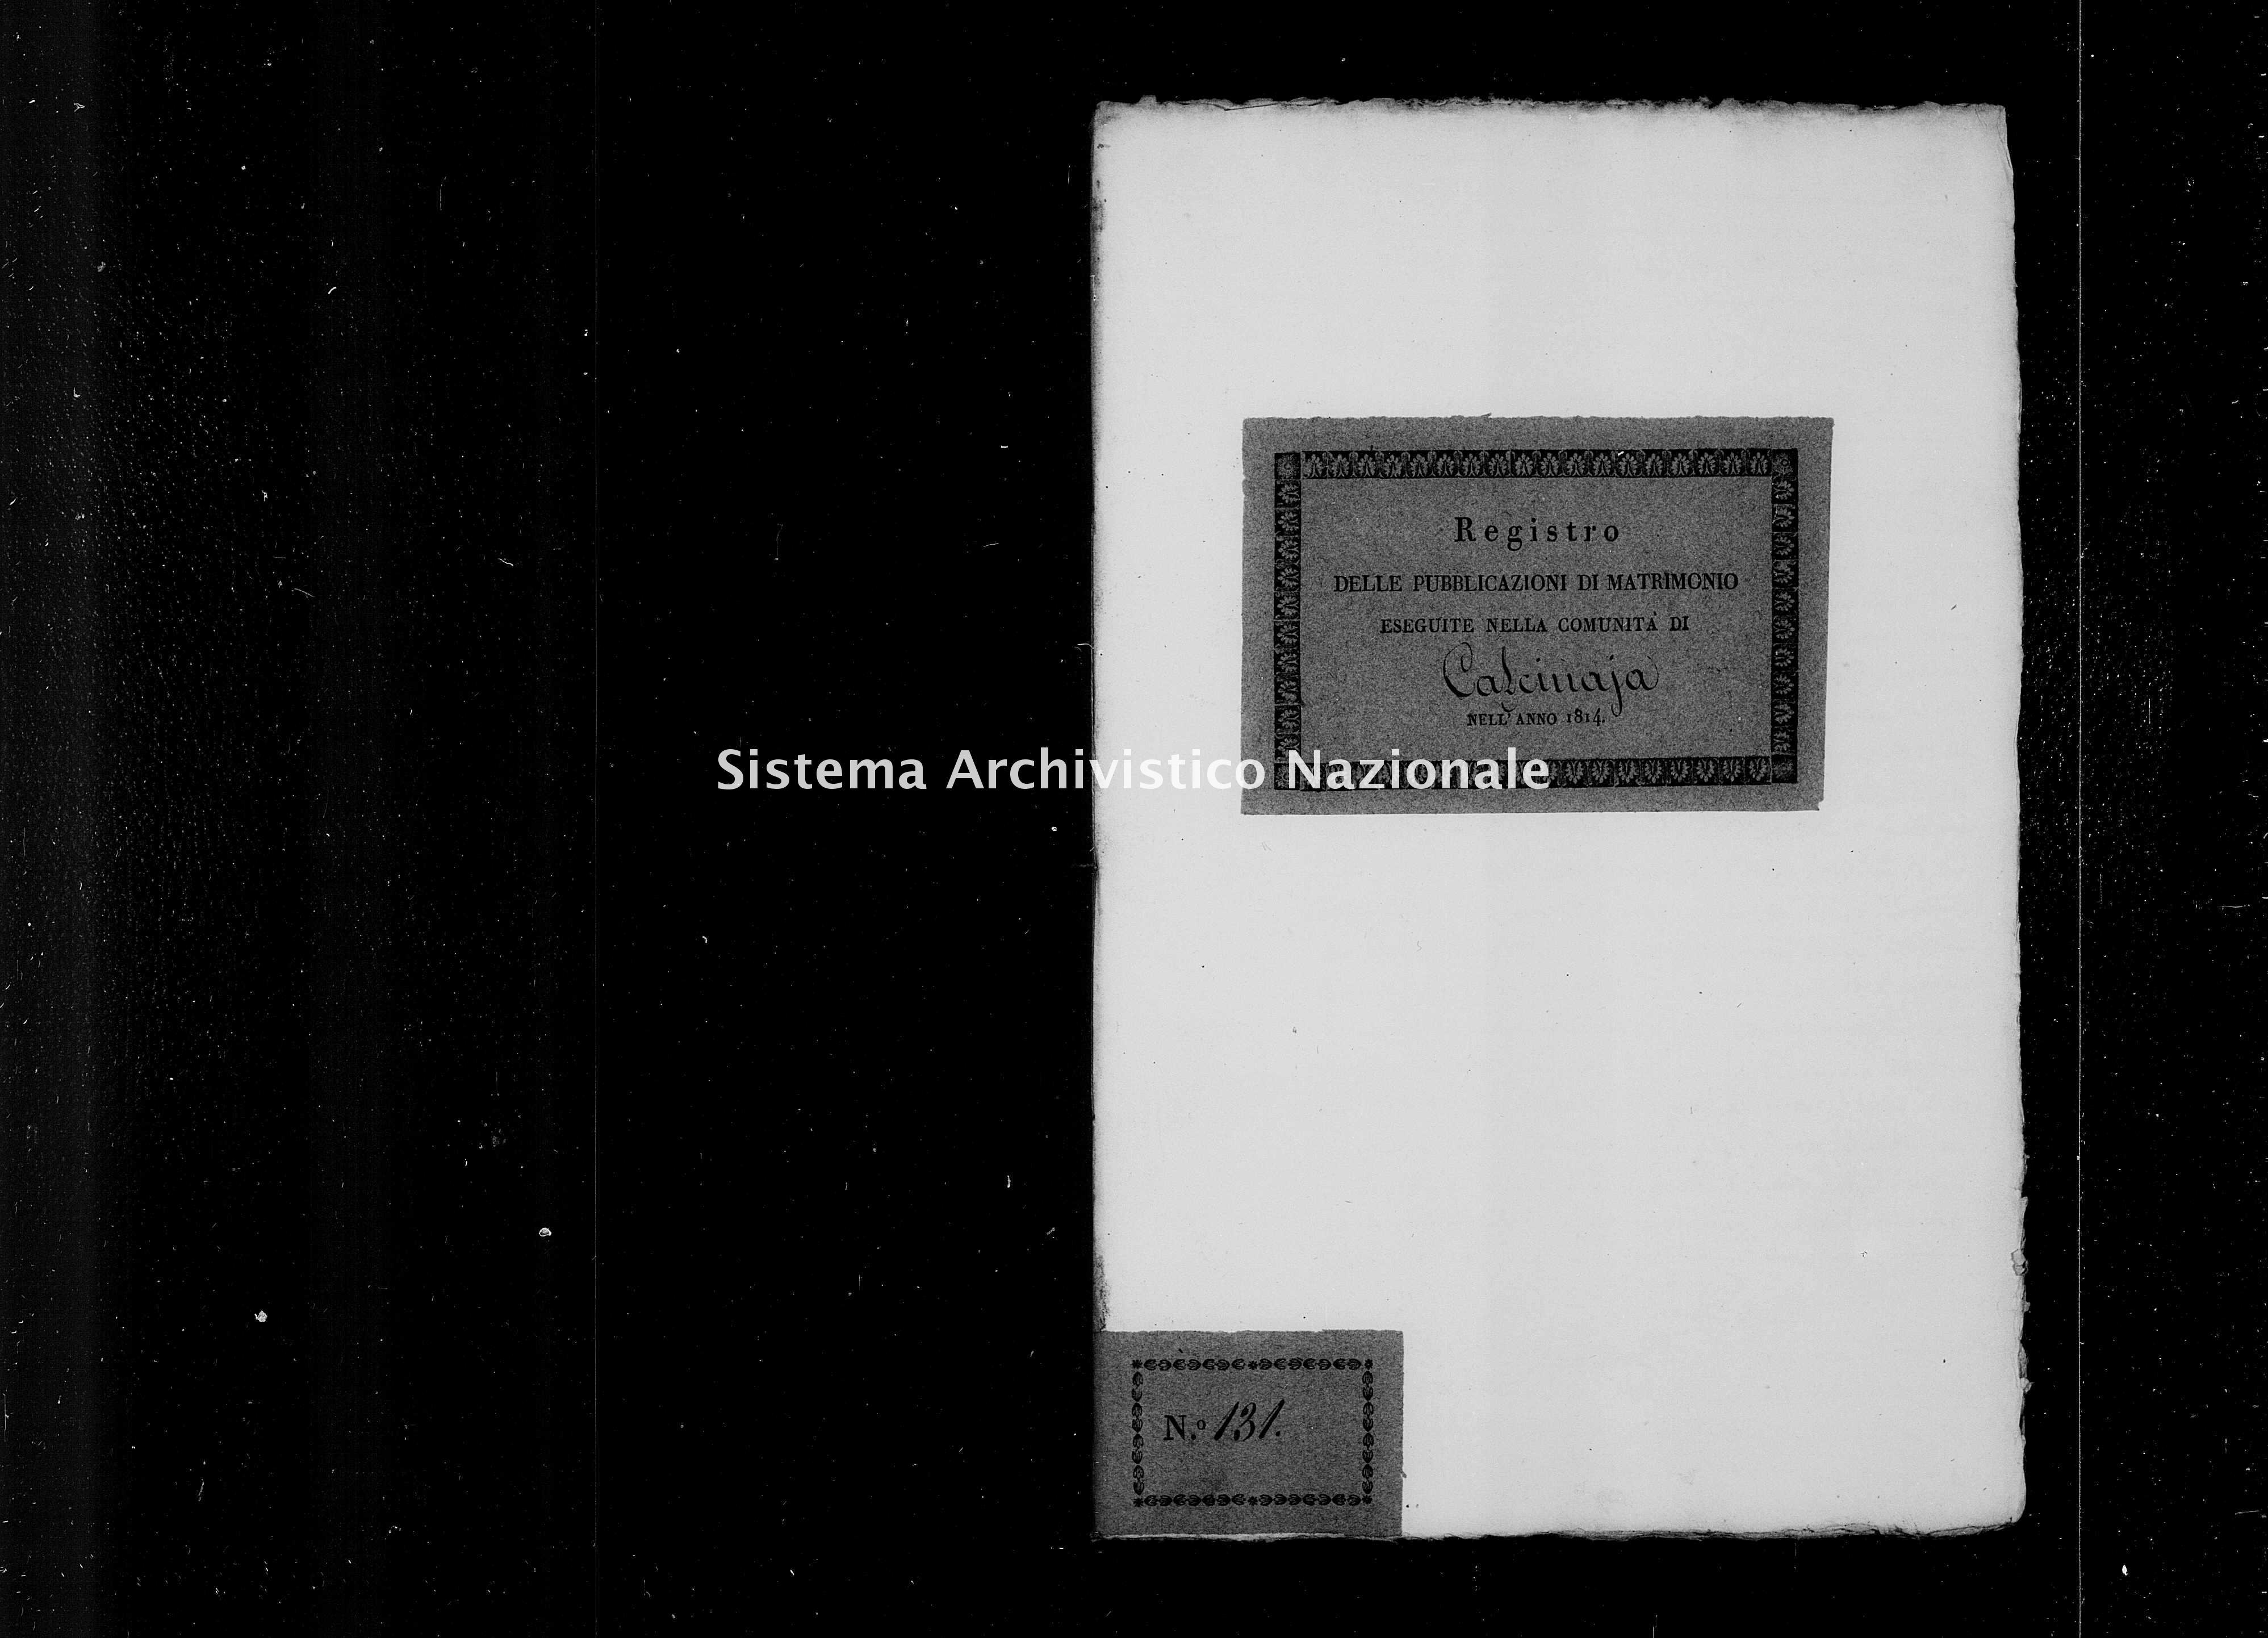 Archivio di stato di Firenze - Stato civile di Toscana (1808-1865) - Calcinaia - Matrimoni, pubblicazioni - 1814 - 9611 -